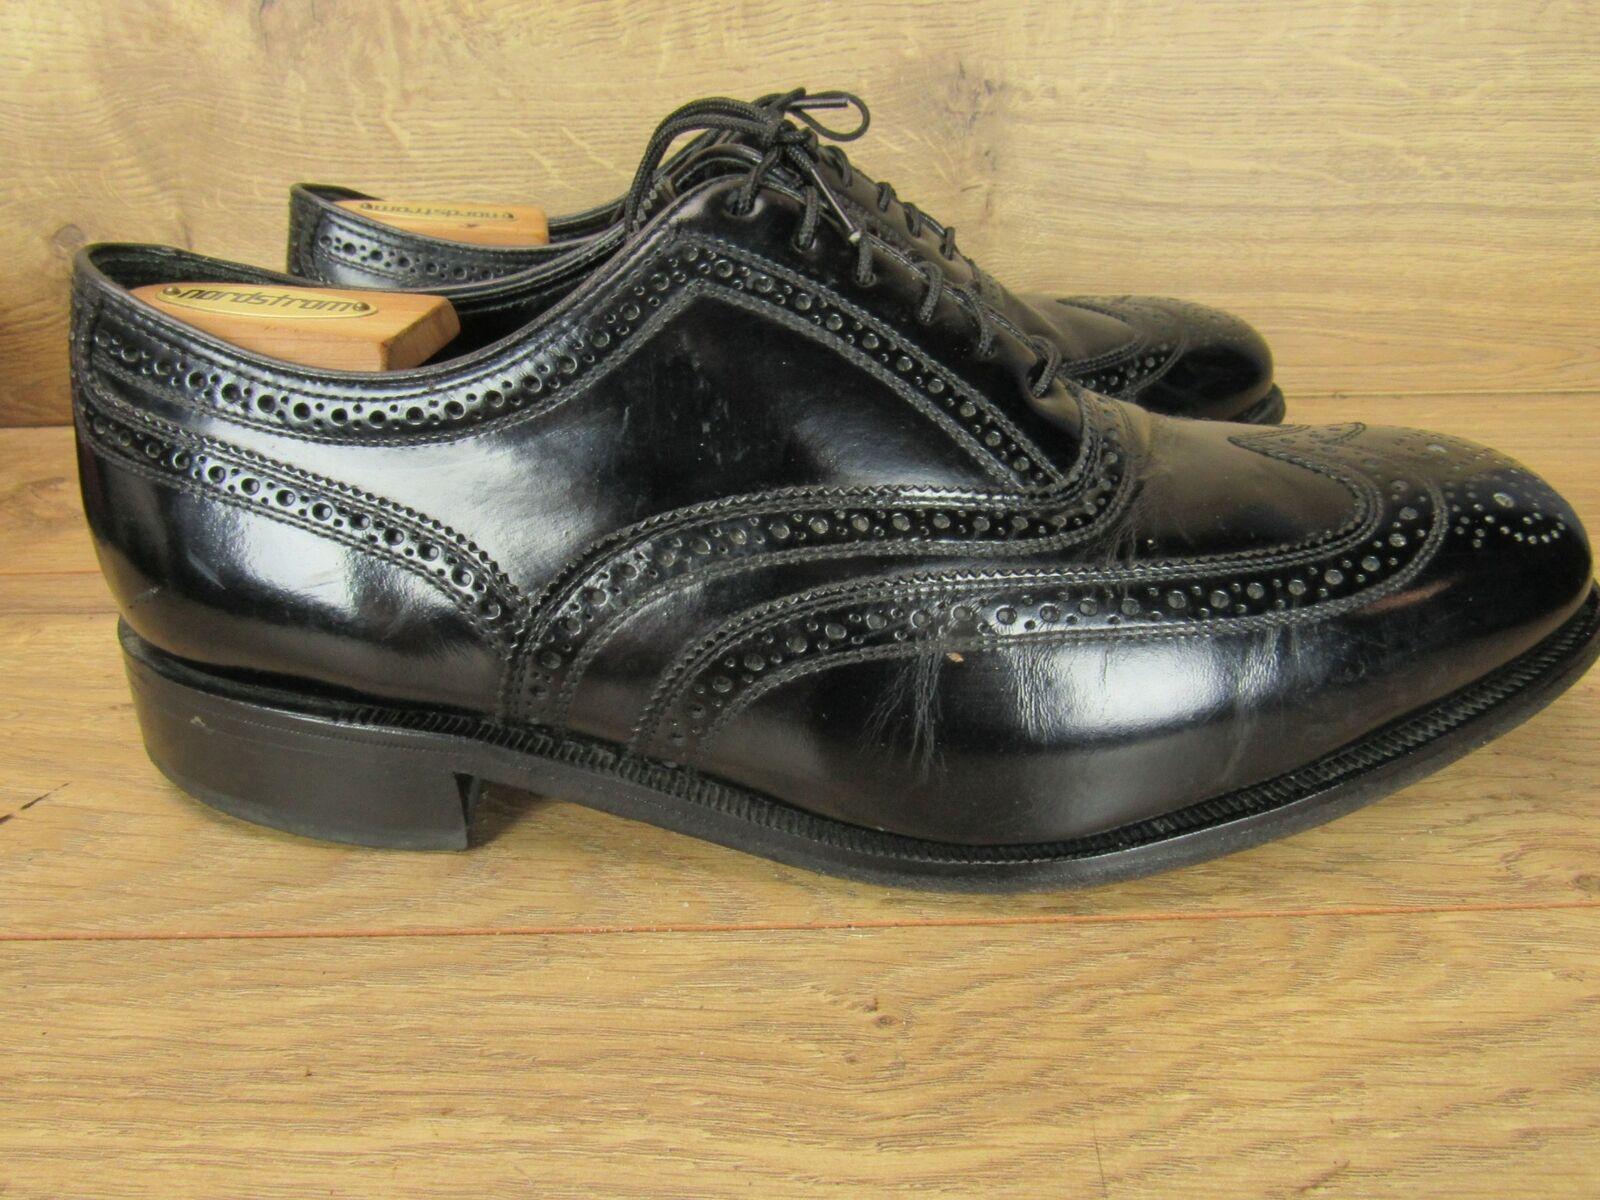 Florsheim Noir Bout d'aile en cuir à lacets derbies homme chaussures 11 EEE